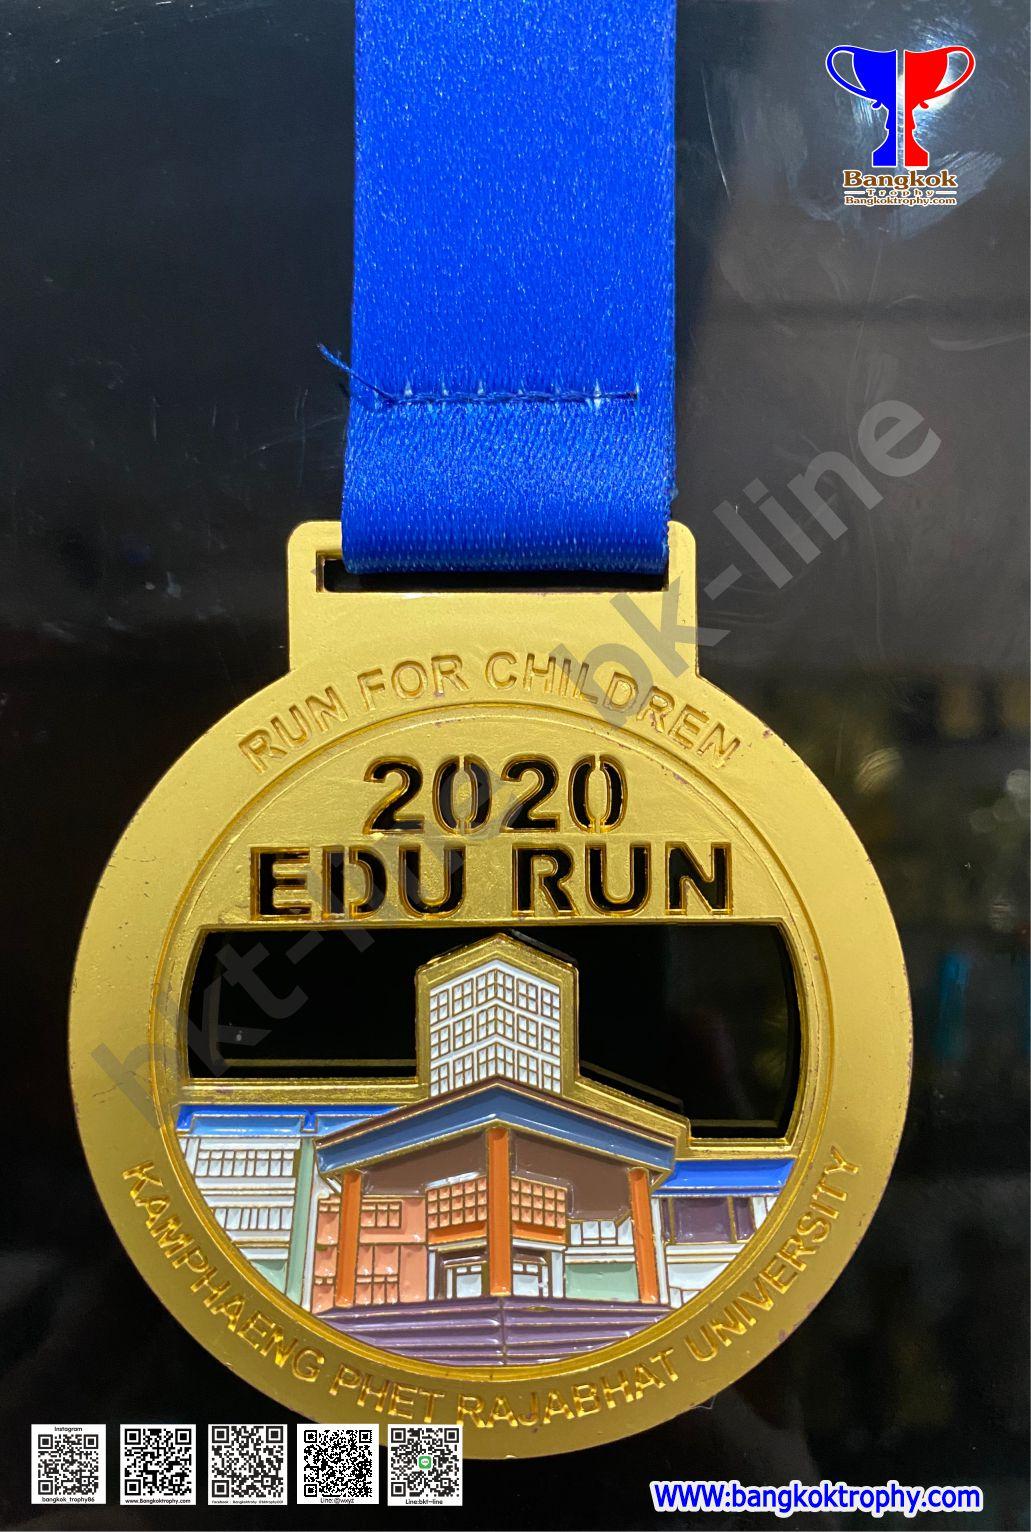 เหรียญ EDU RUN 2020